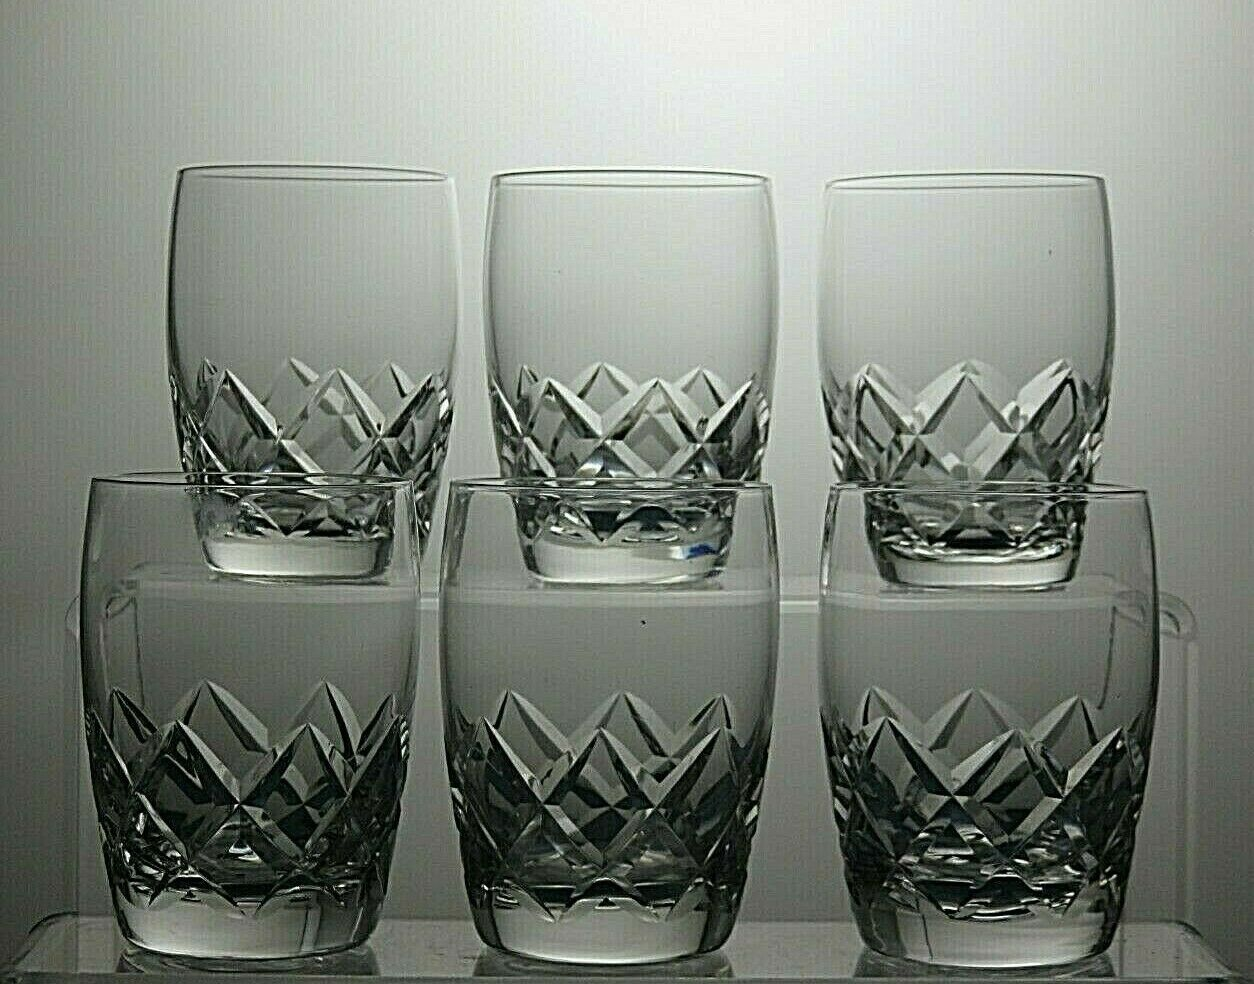 Stuart Crystal  beau  Cut Baril gobelets verres Set de 6 - 3 1 3  Tall